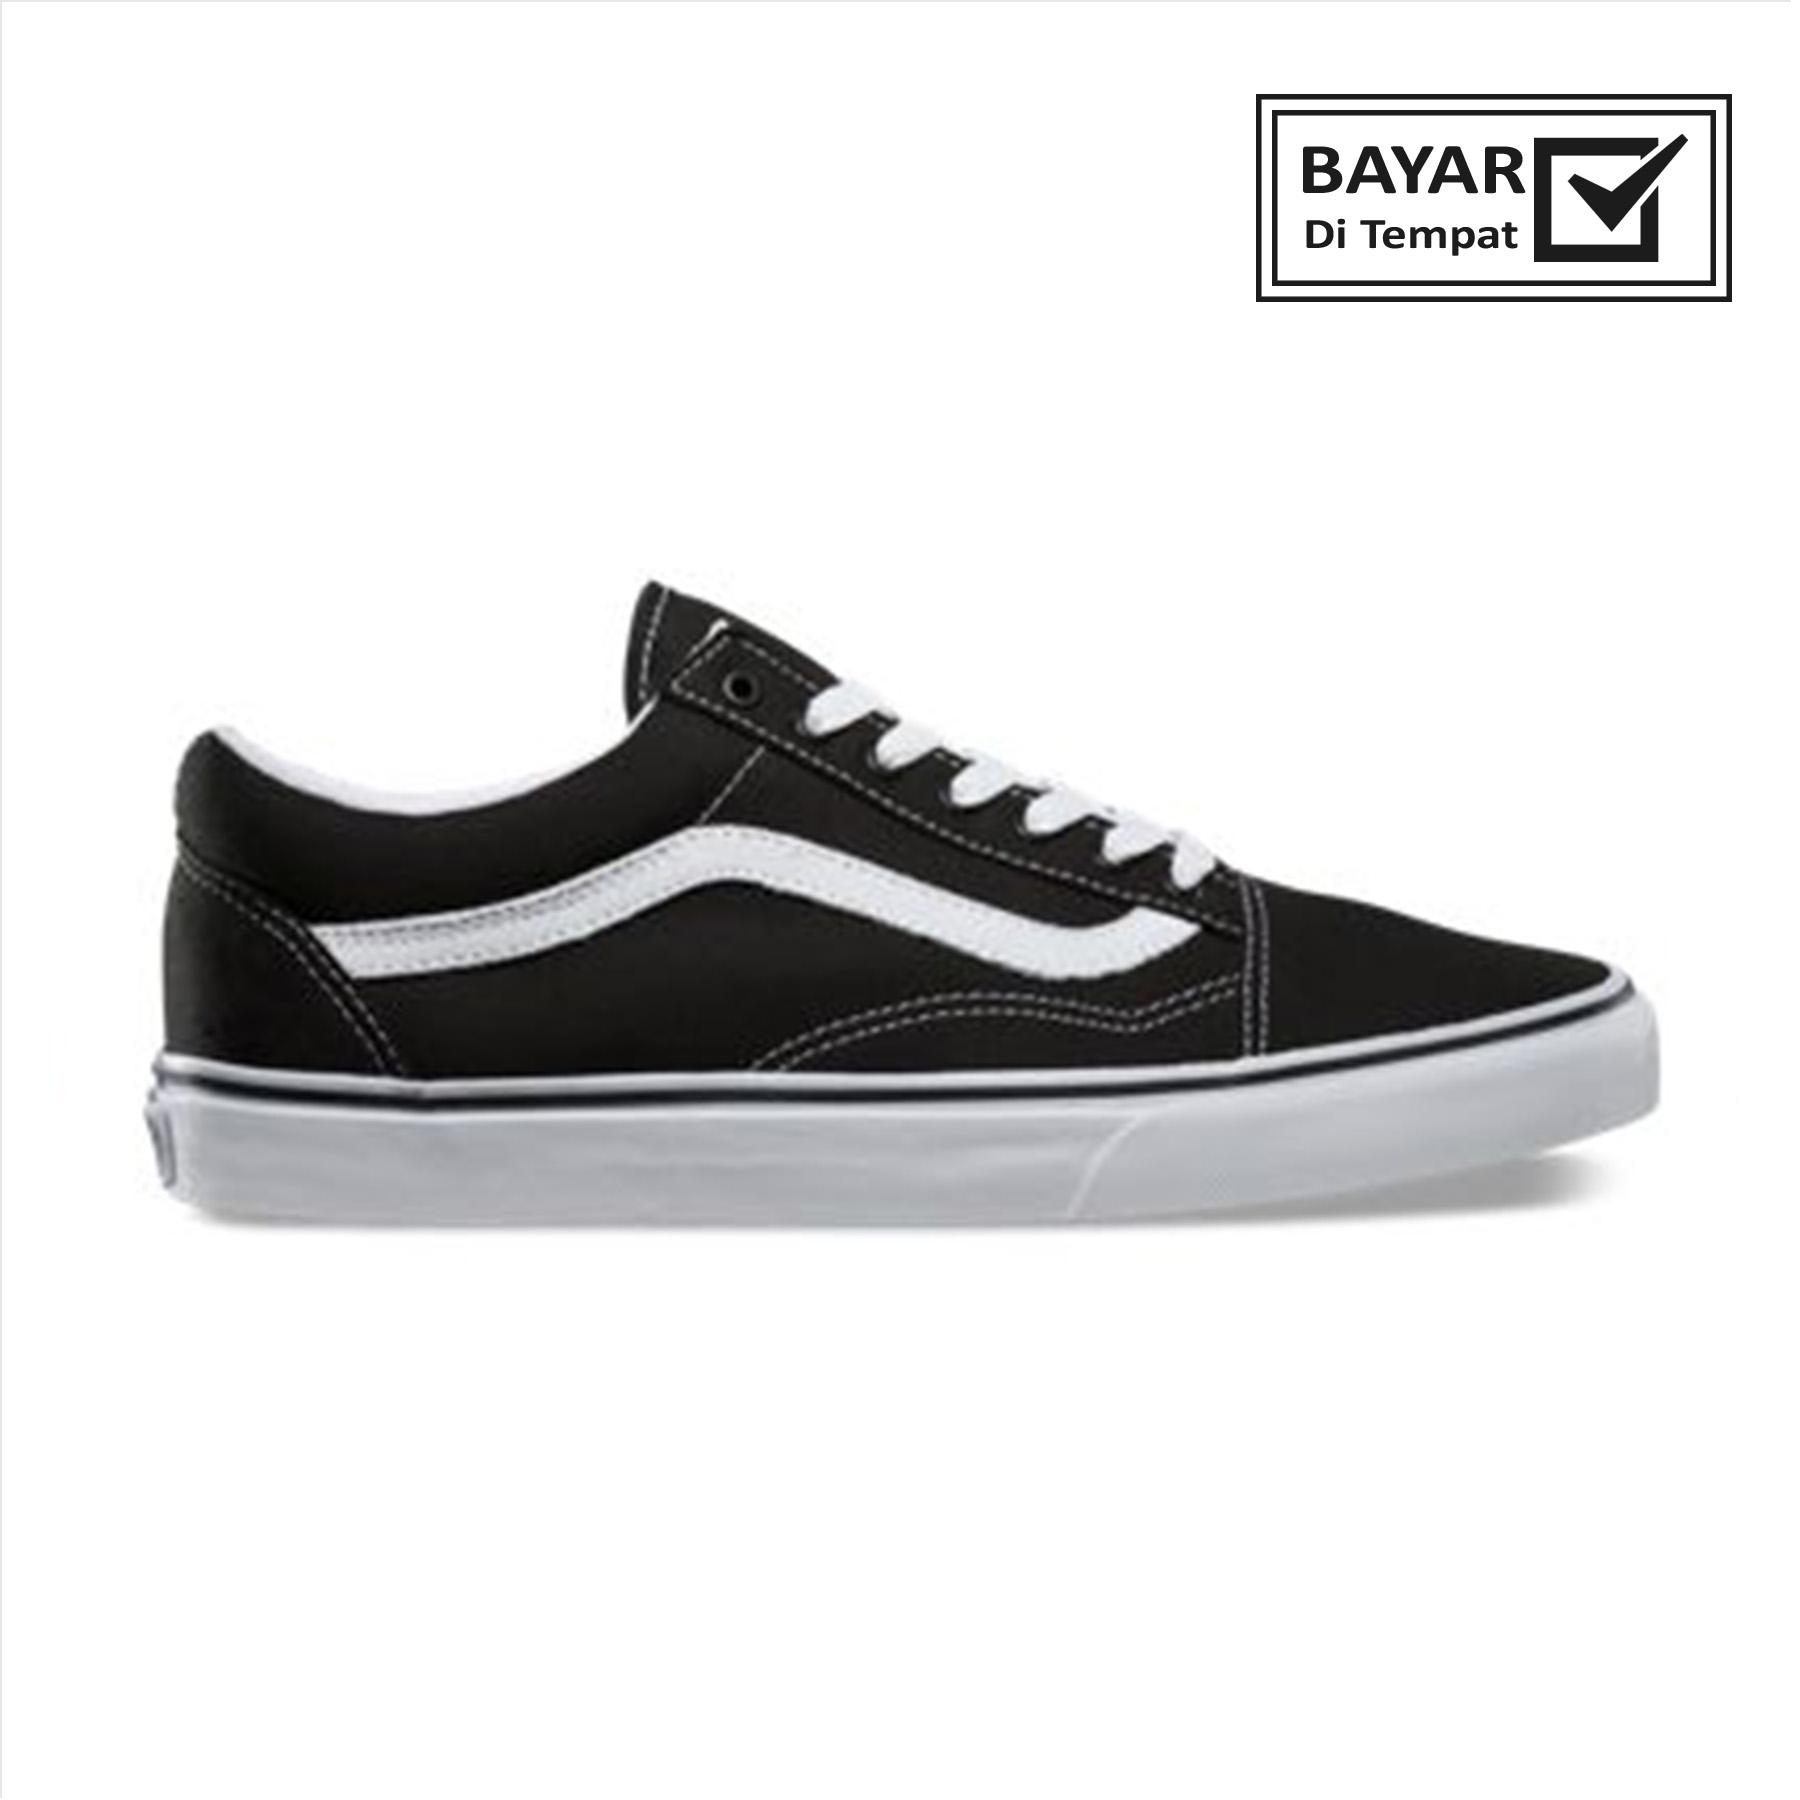 Sepatu pria atau wanita  sepatu sekolah sepatu santai. 95.000 · Sepatu Vans  Old Skool original Sneakers Casual Made In Indonesia 02c9d6a335